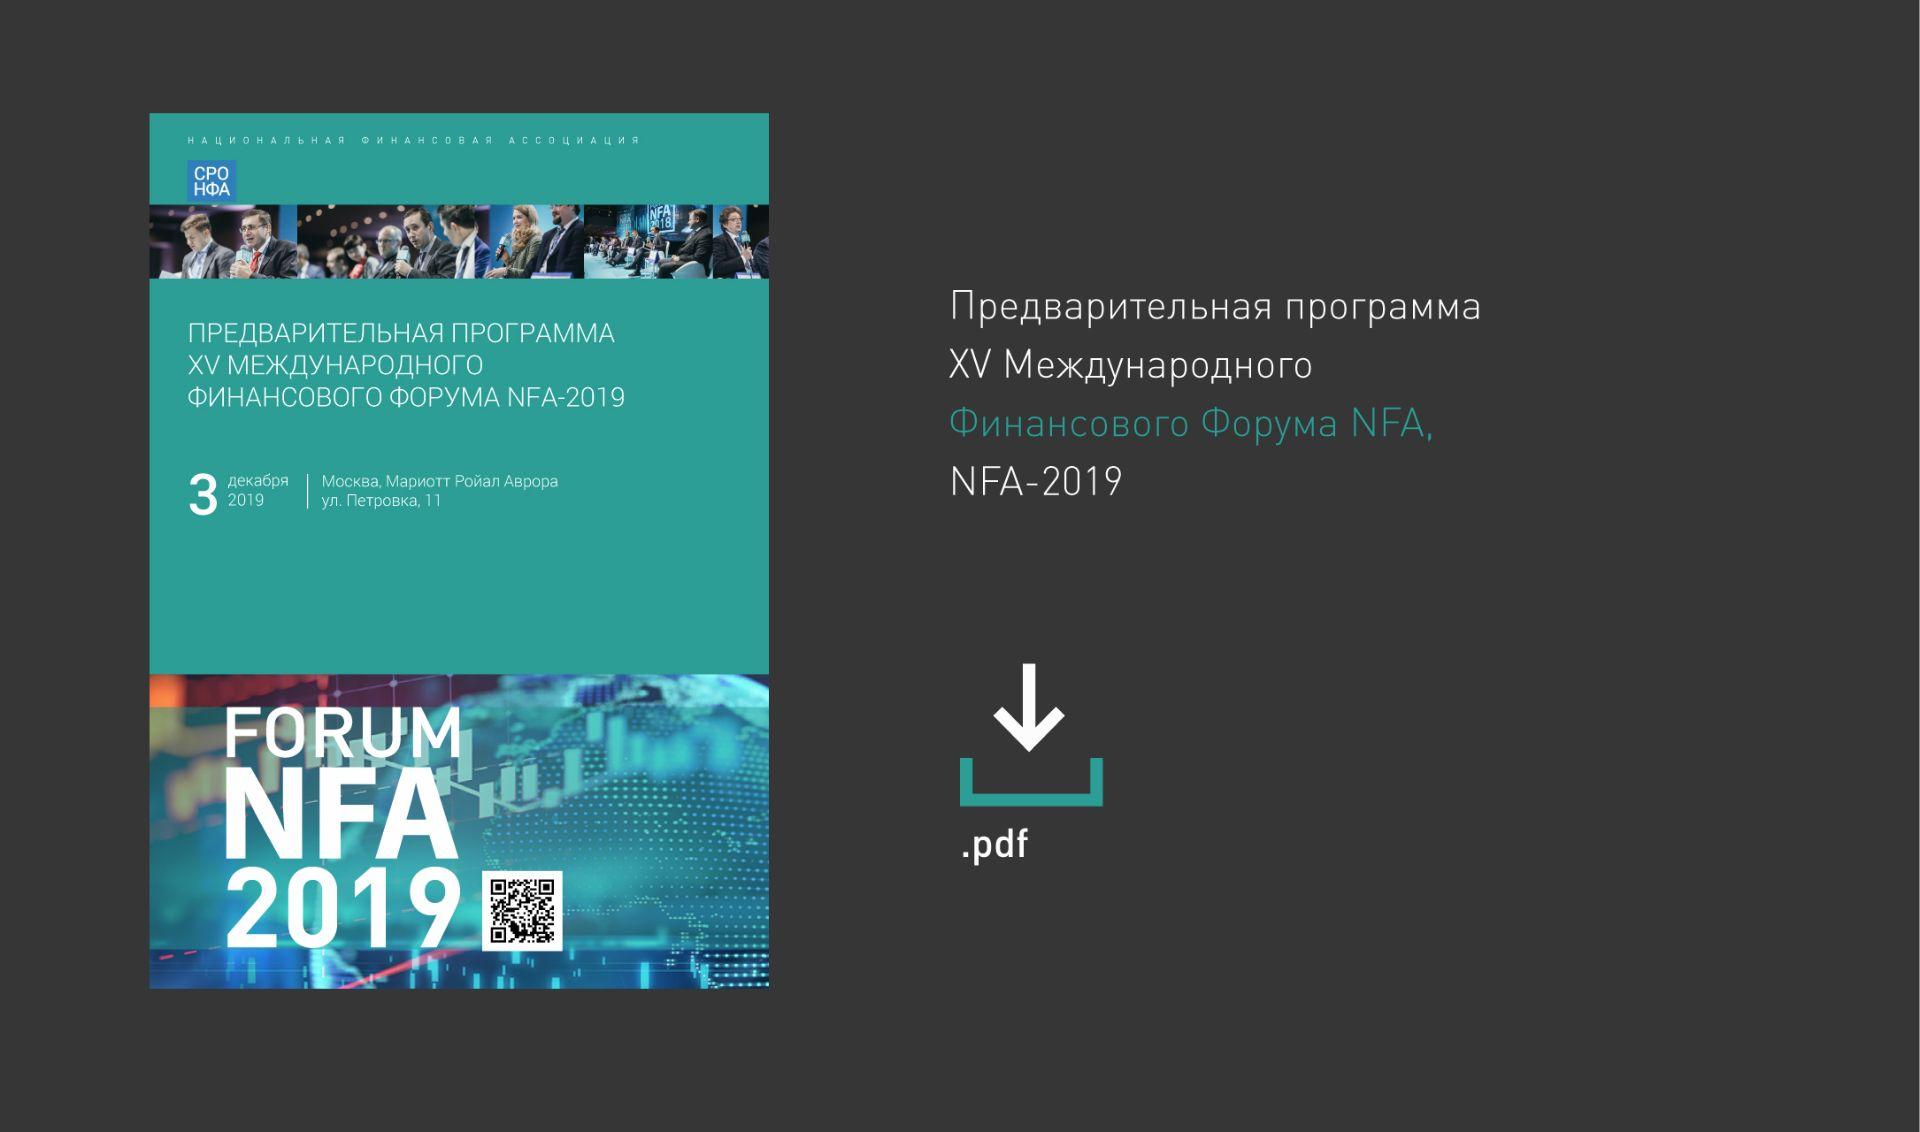 Предварительная программа форума NFA-2019